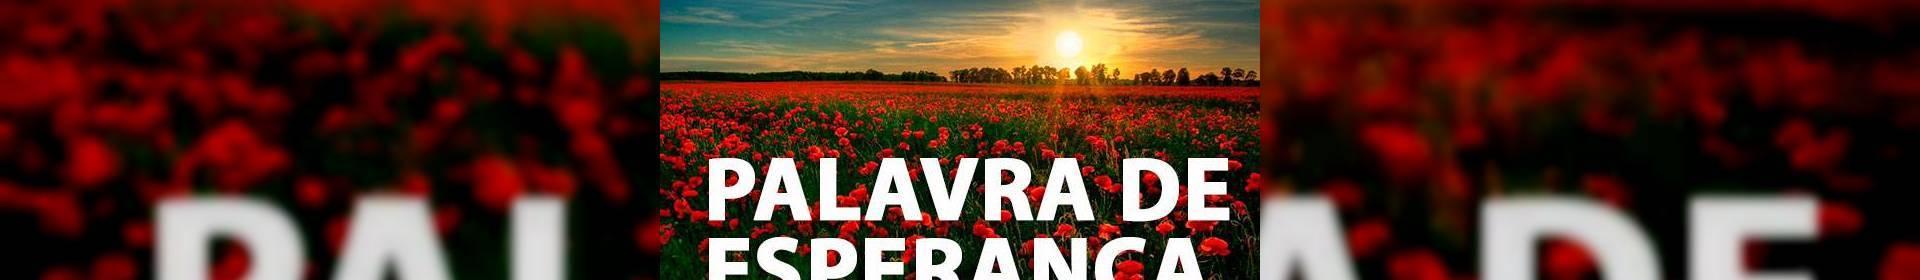 Hebreus 11:7 - Uma Palavra de Esperança para sua vida